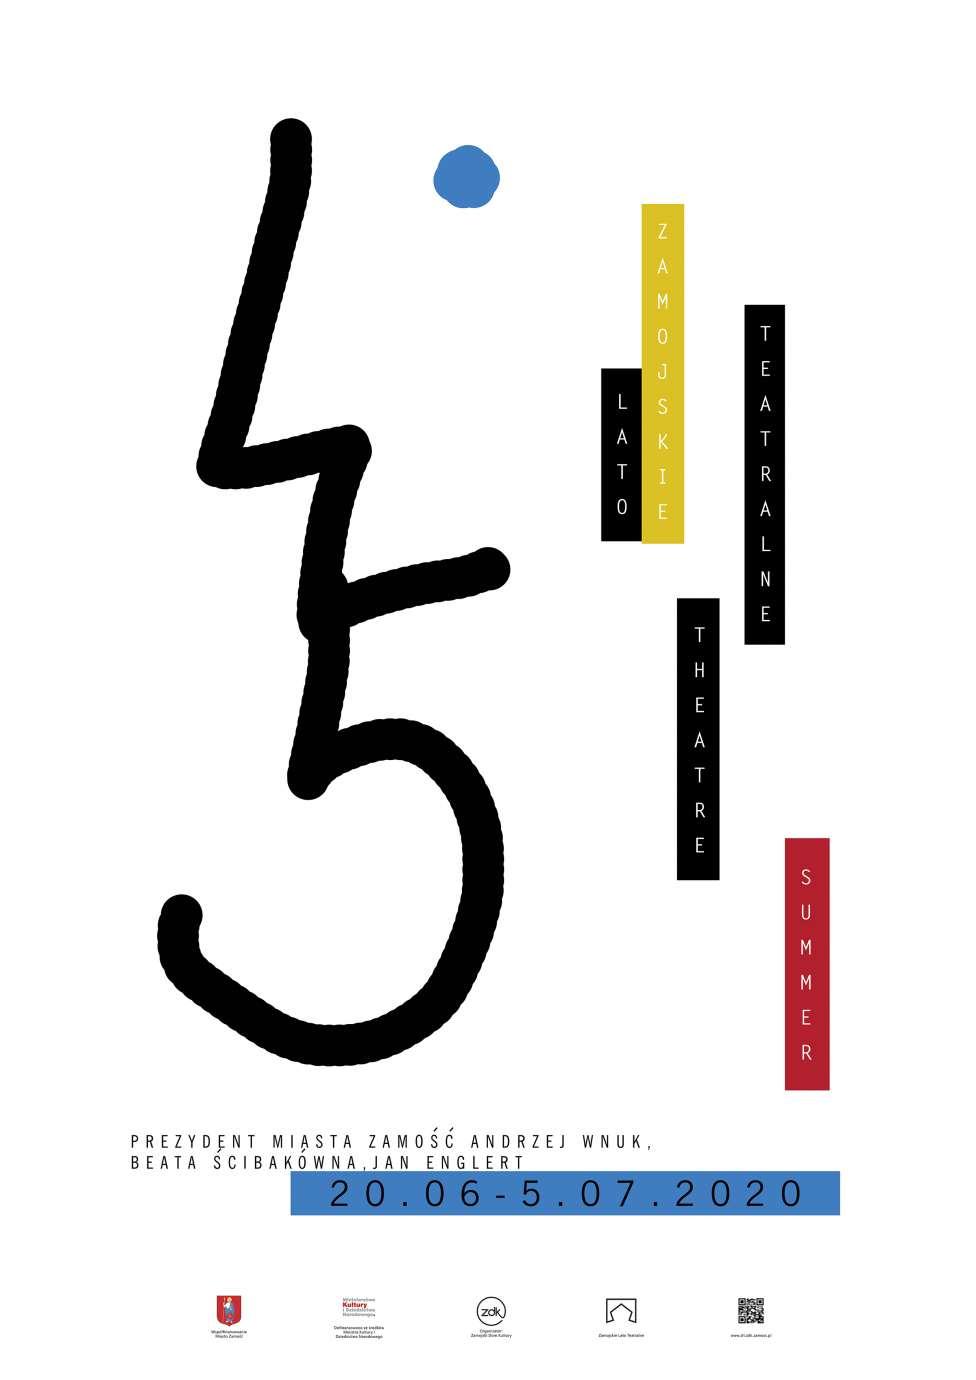 siemko alicja 1 wyroznienie Rozstrzygnięto konkurs na plakat 45. Zamojskiego Lata Teatralnego